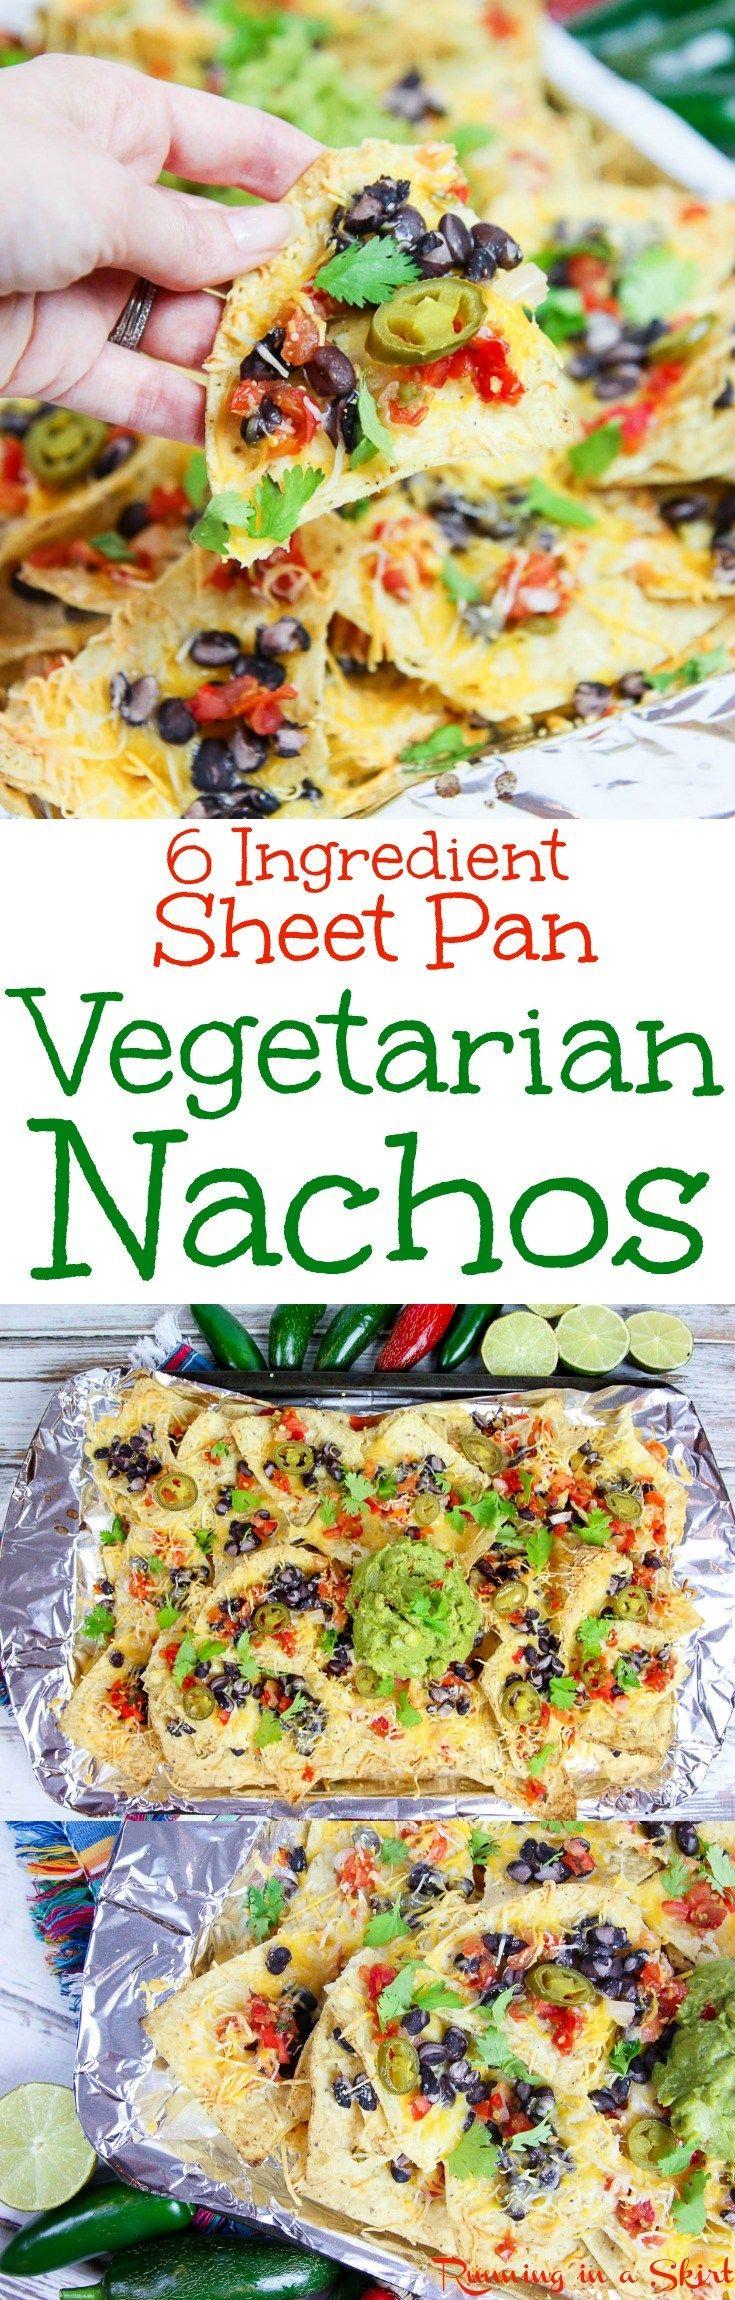 6 Ingredient Sheet Pan Easy Vegetarian Nachos recipe / Running in a Skirt